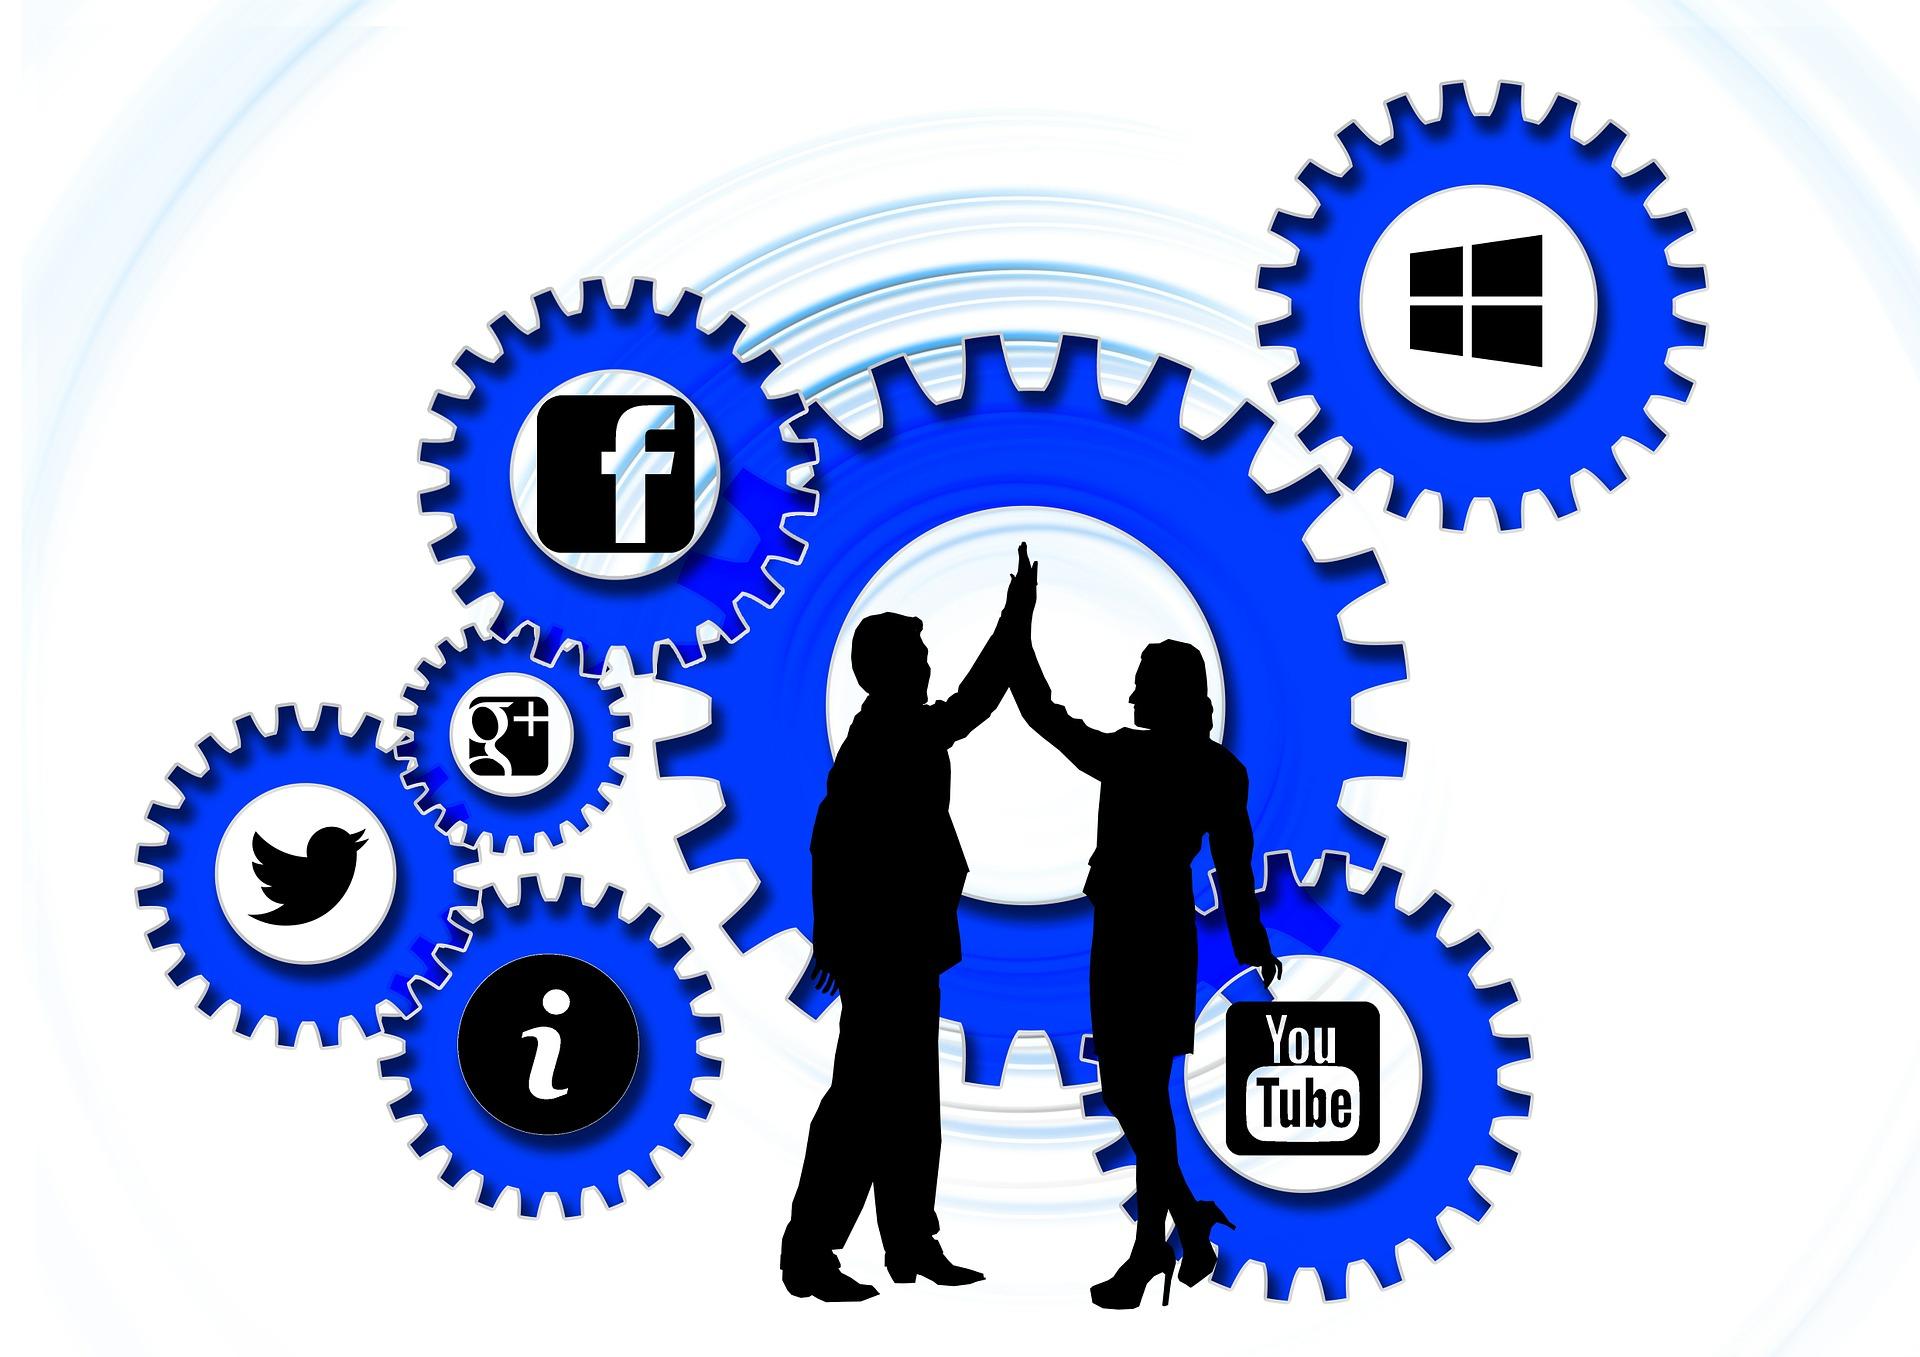 Industrie 4.0 im digitalen Zeitalter